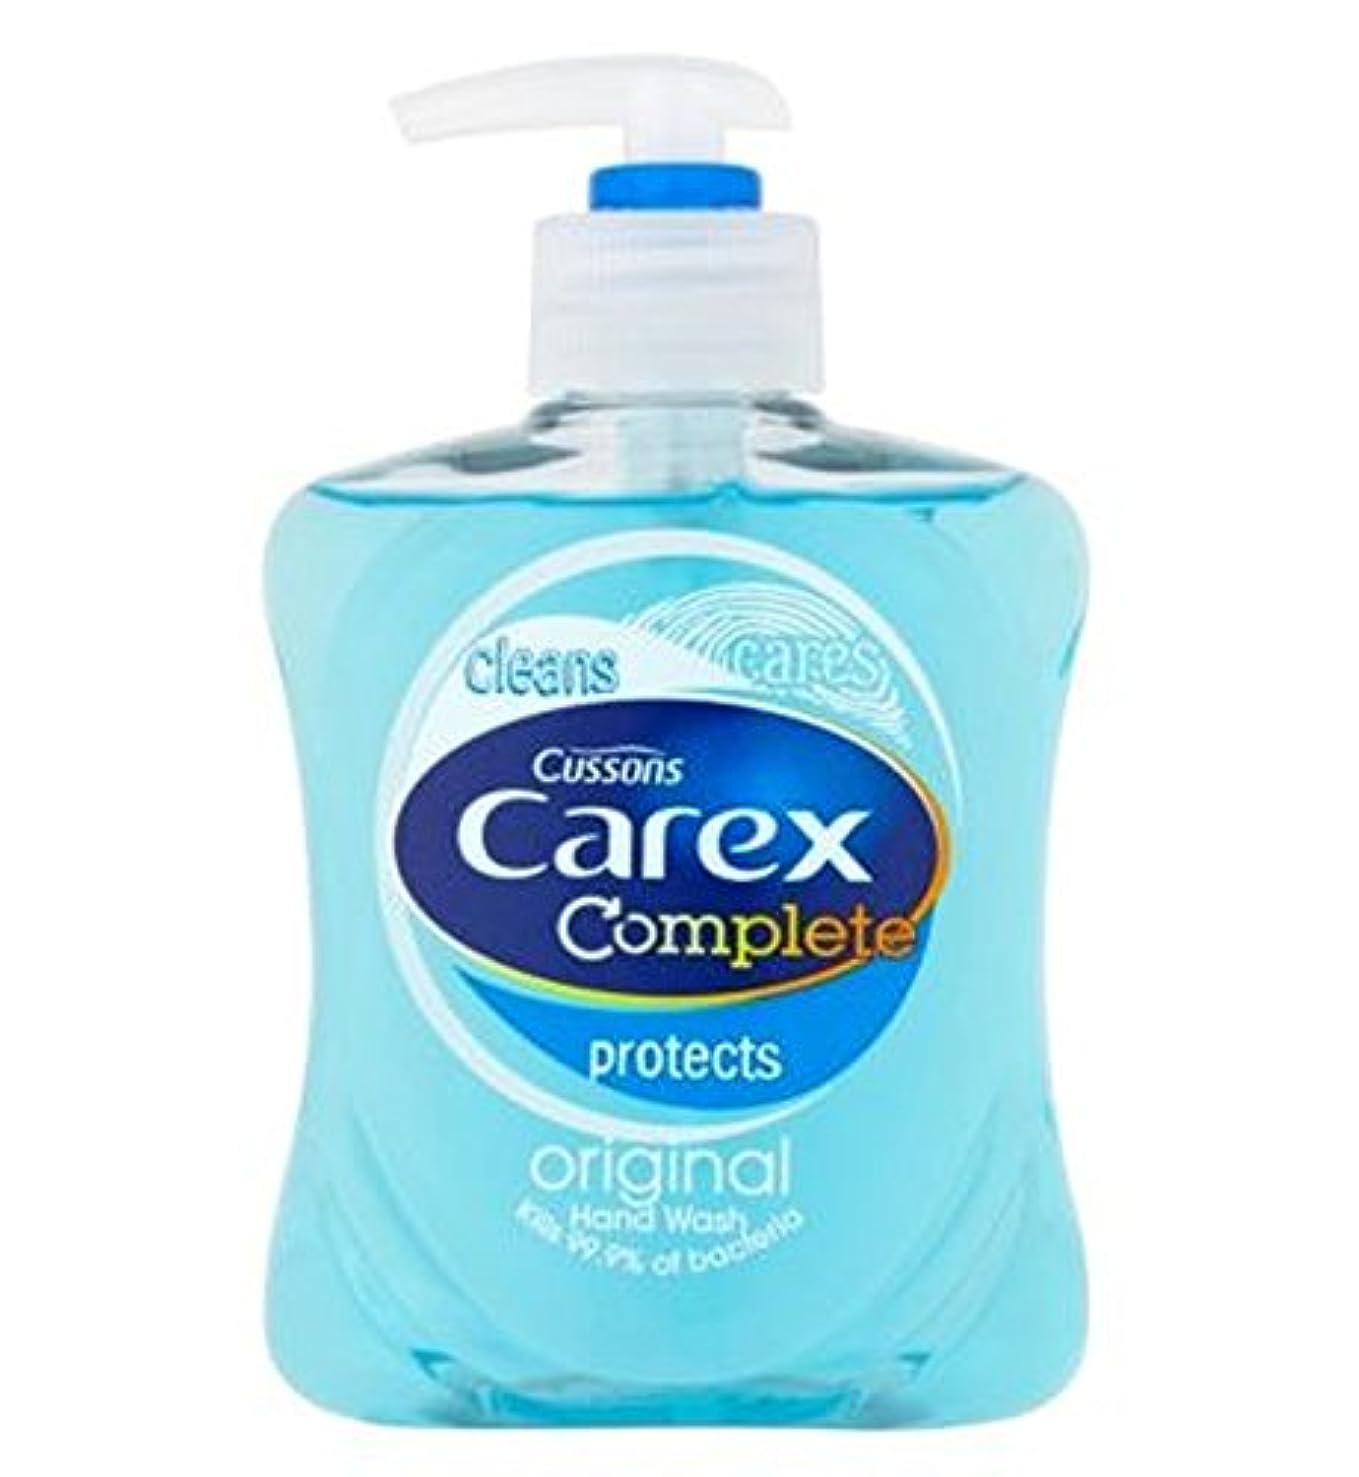 不機嫌非互換厚くするCarex Complete Original Hand Wash 250ml - スゲ属の完全オリジナルのハンドウォッシュ250ミリリットル (Carex) [並行輸入品]